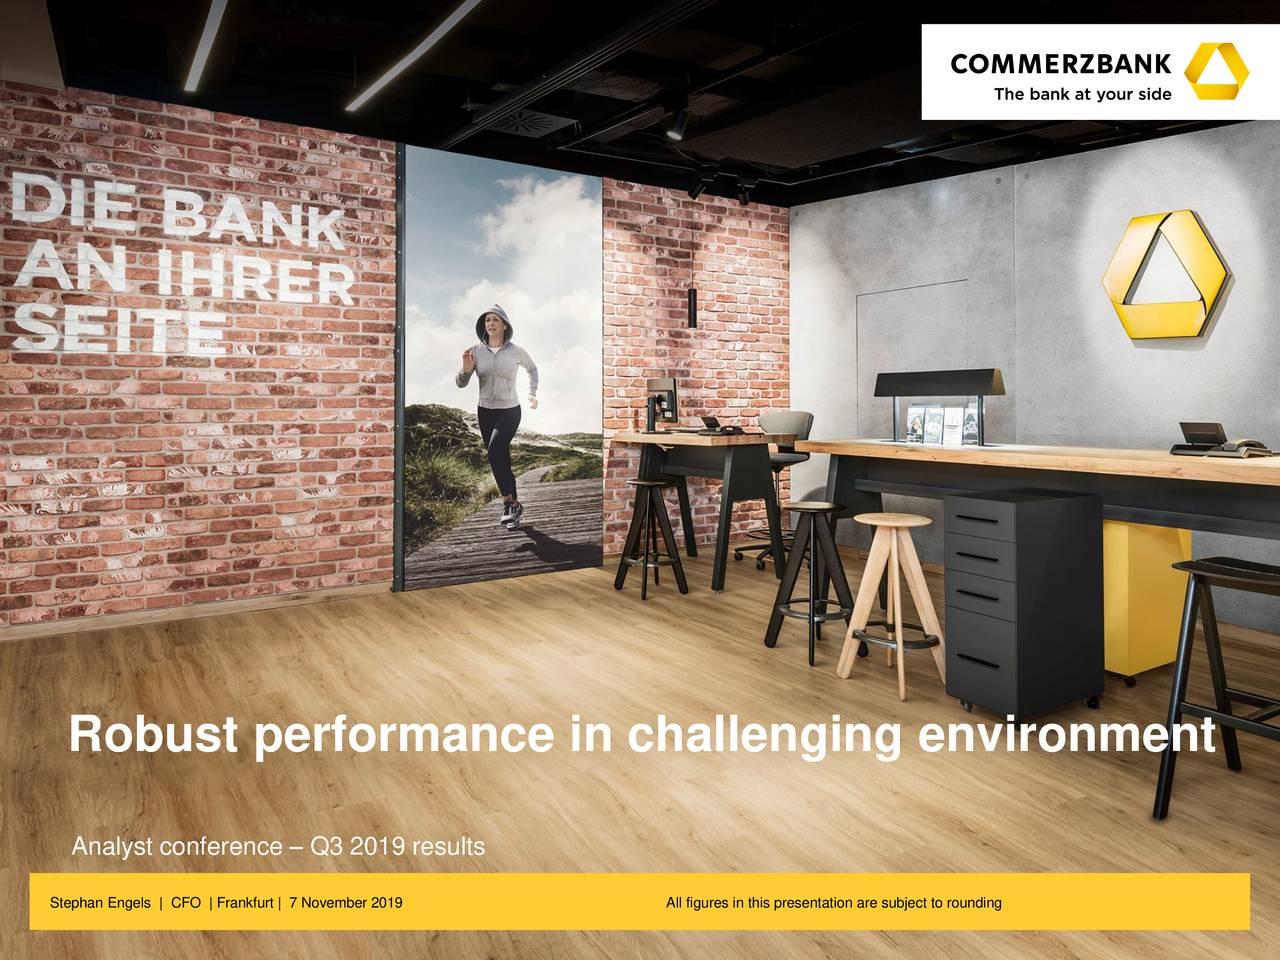 Commerzbank 5.0